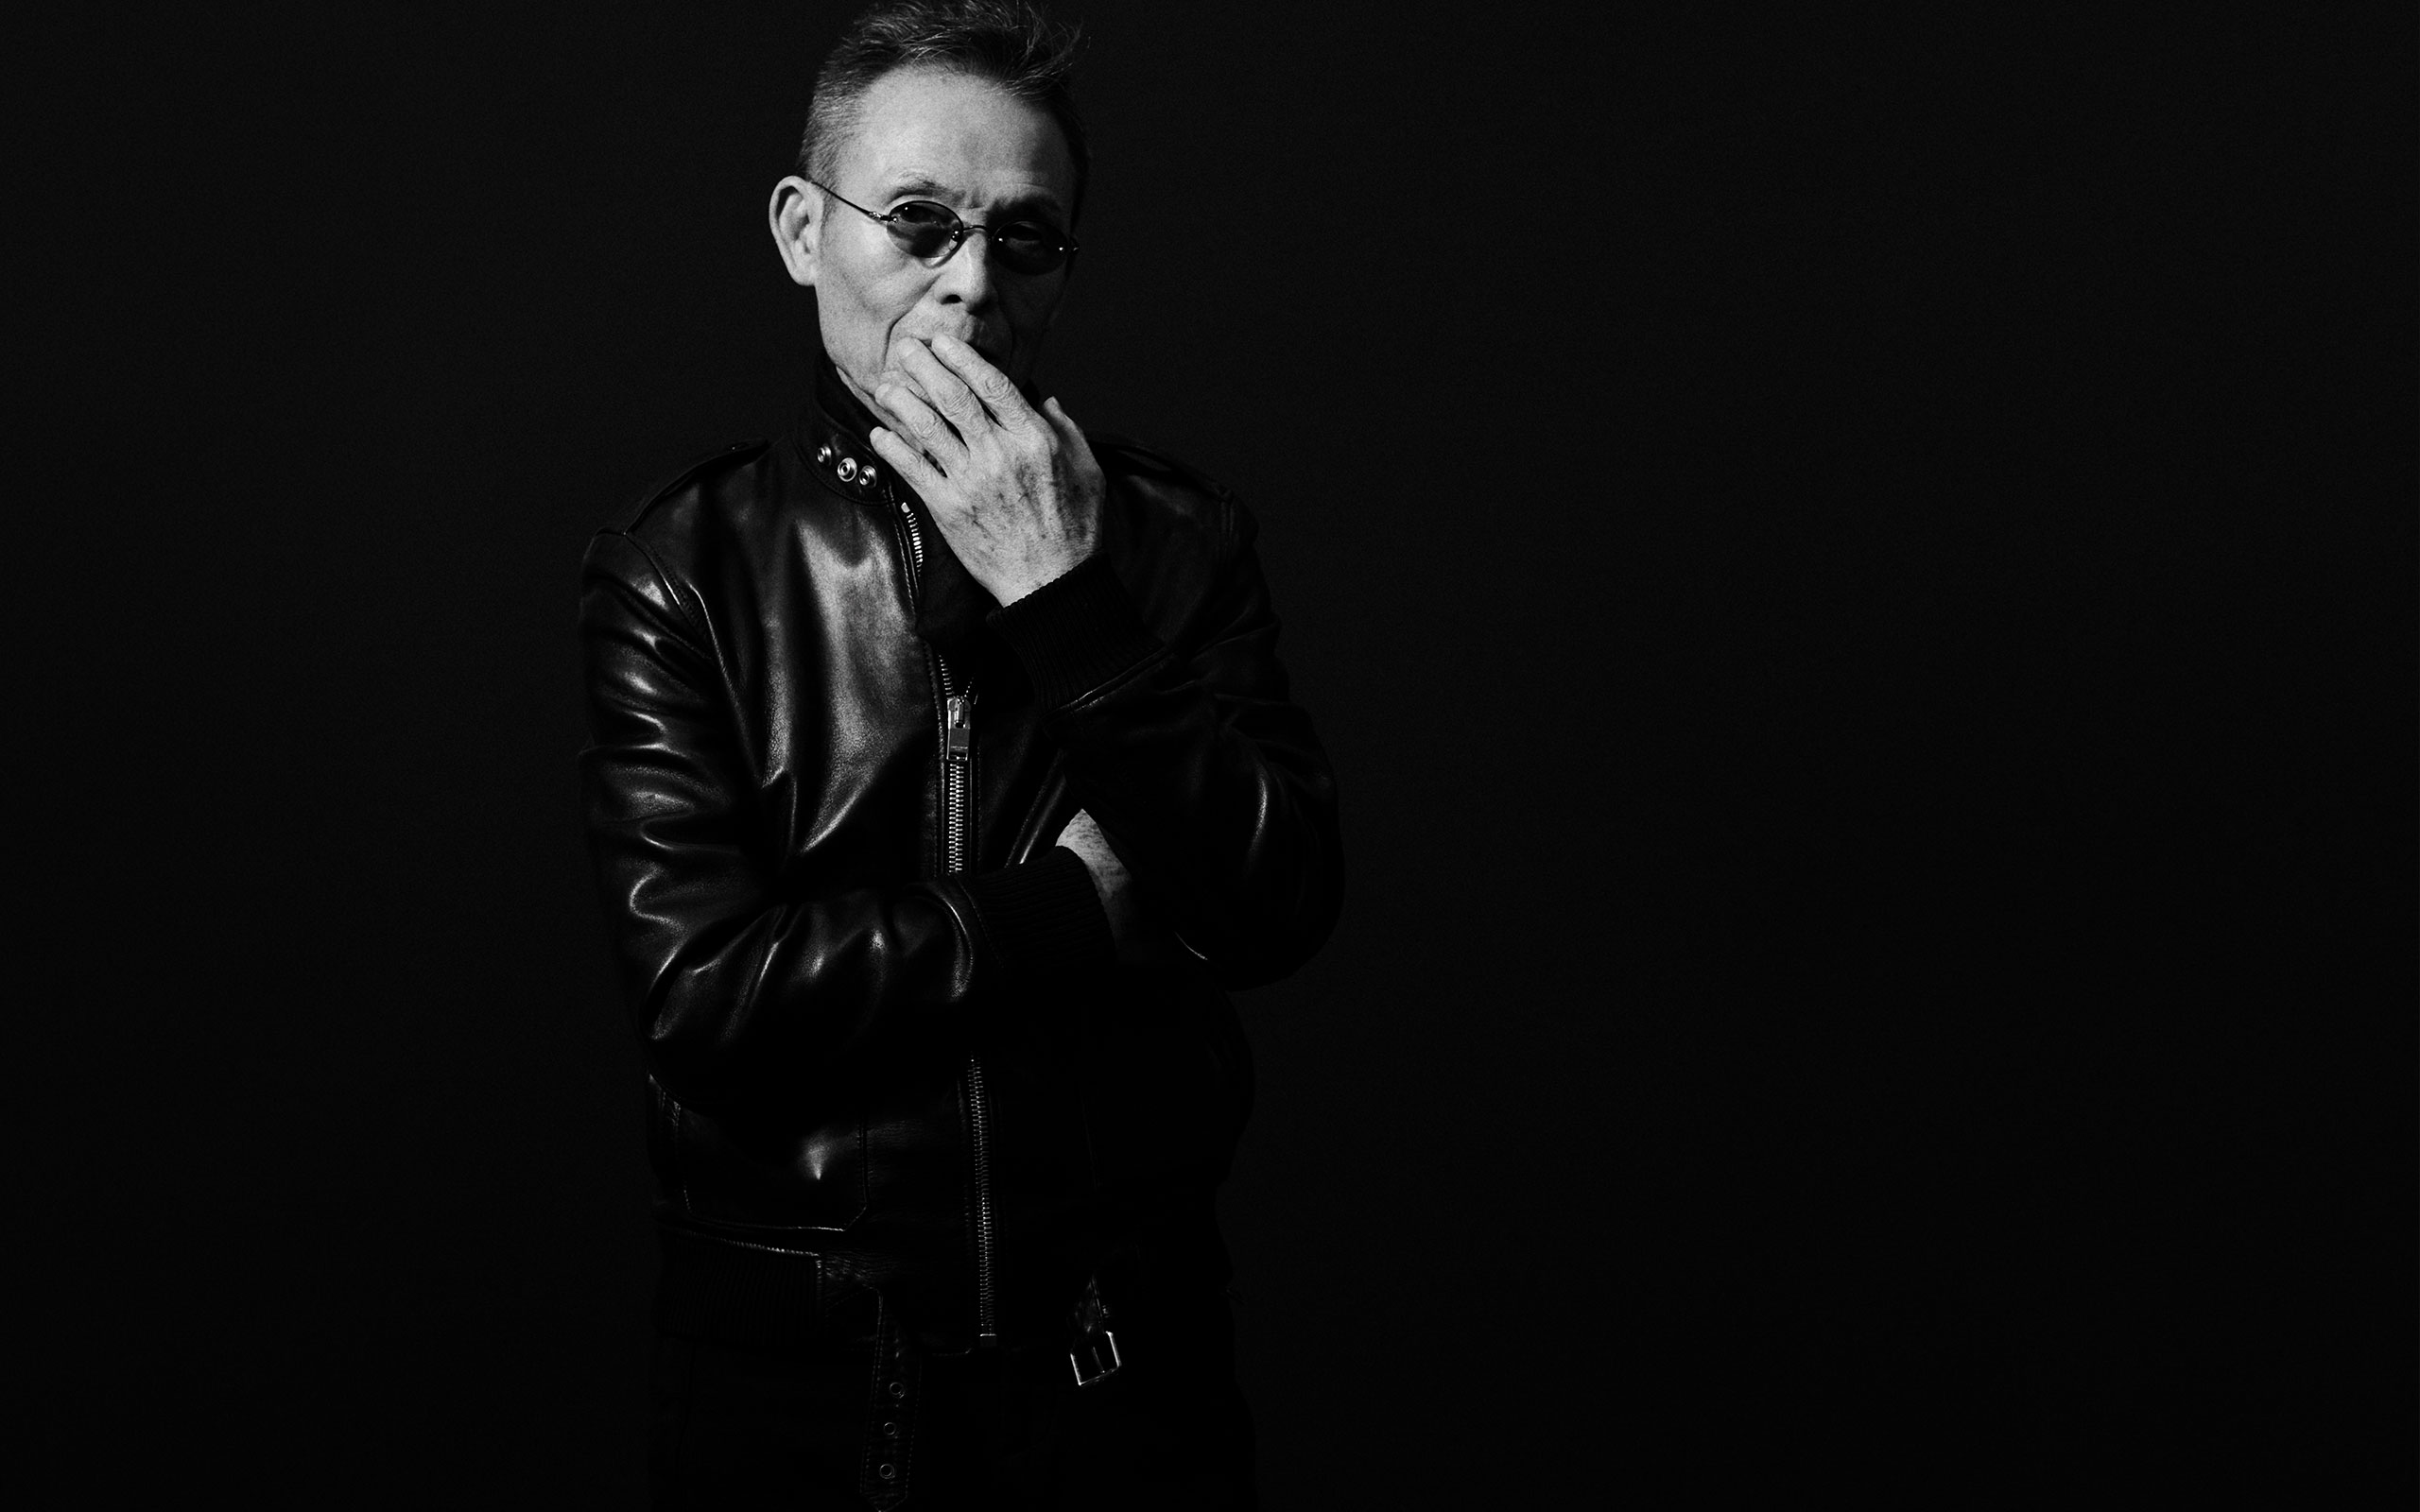 【インタビュー】写真家・操上和美が写真を撮るうえで重んじていること